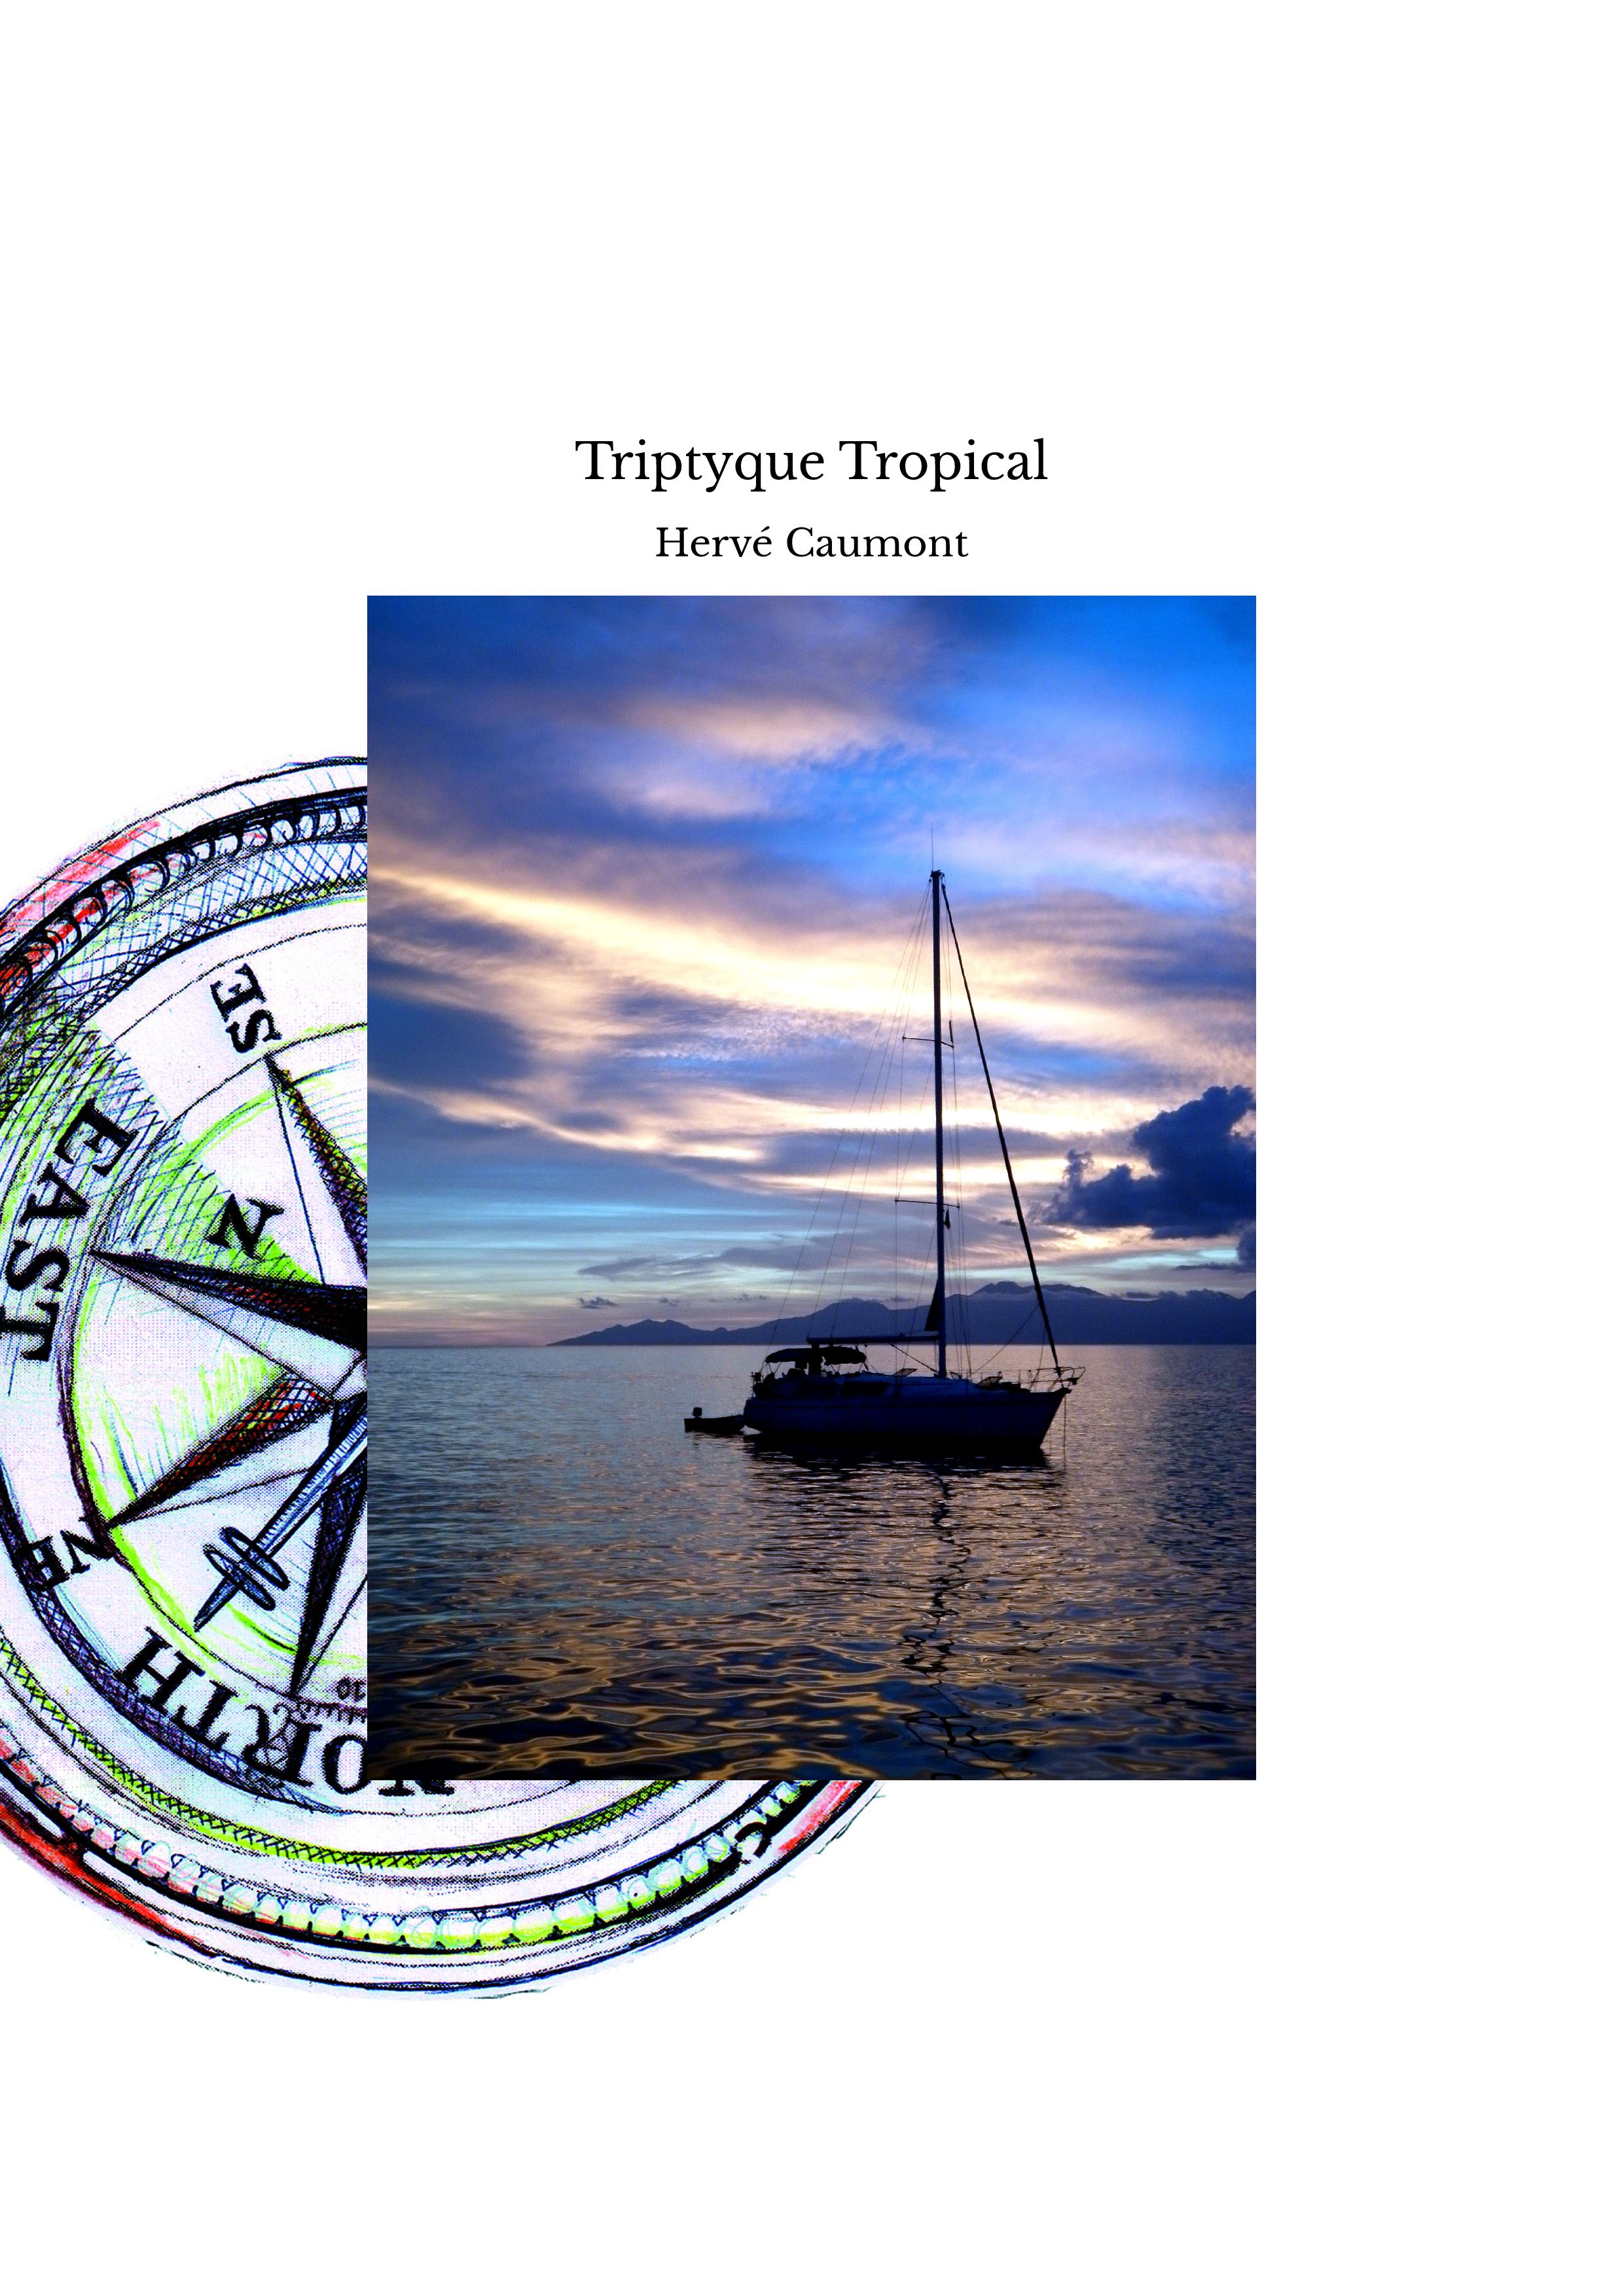 Triptyque Tropical